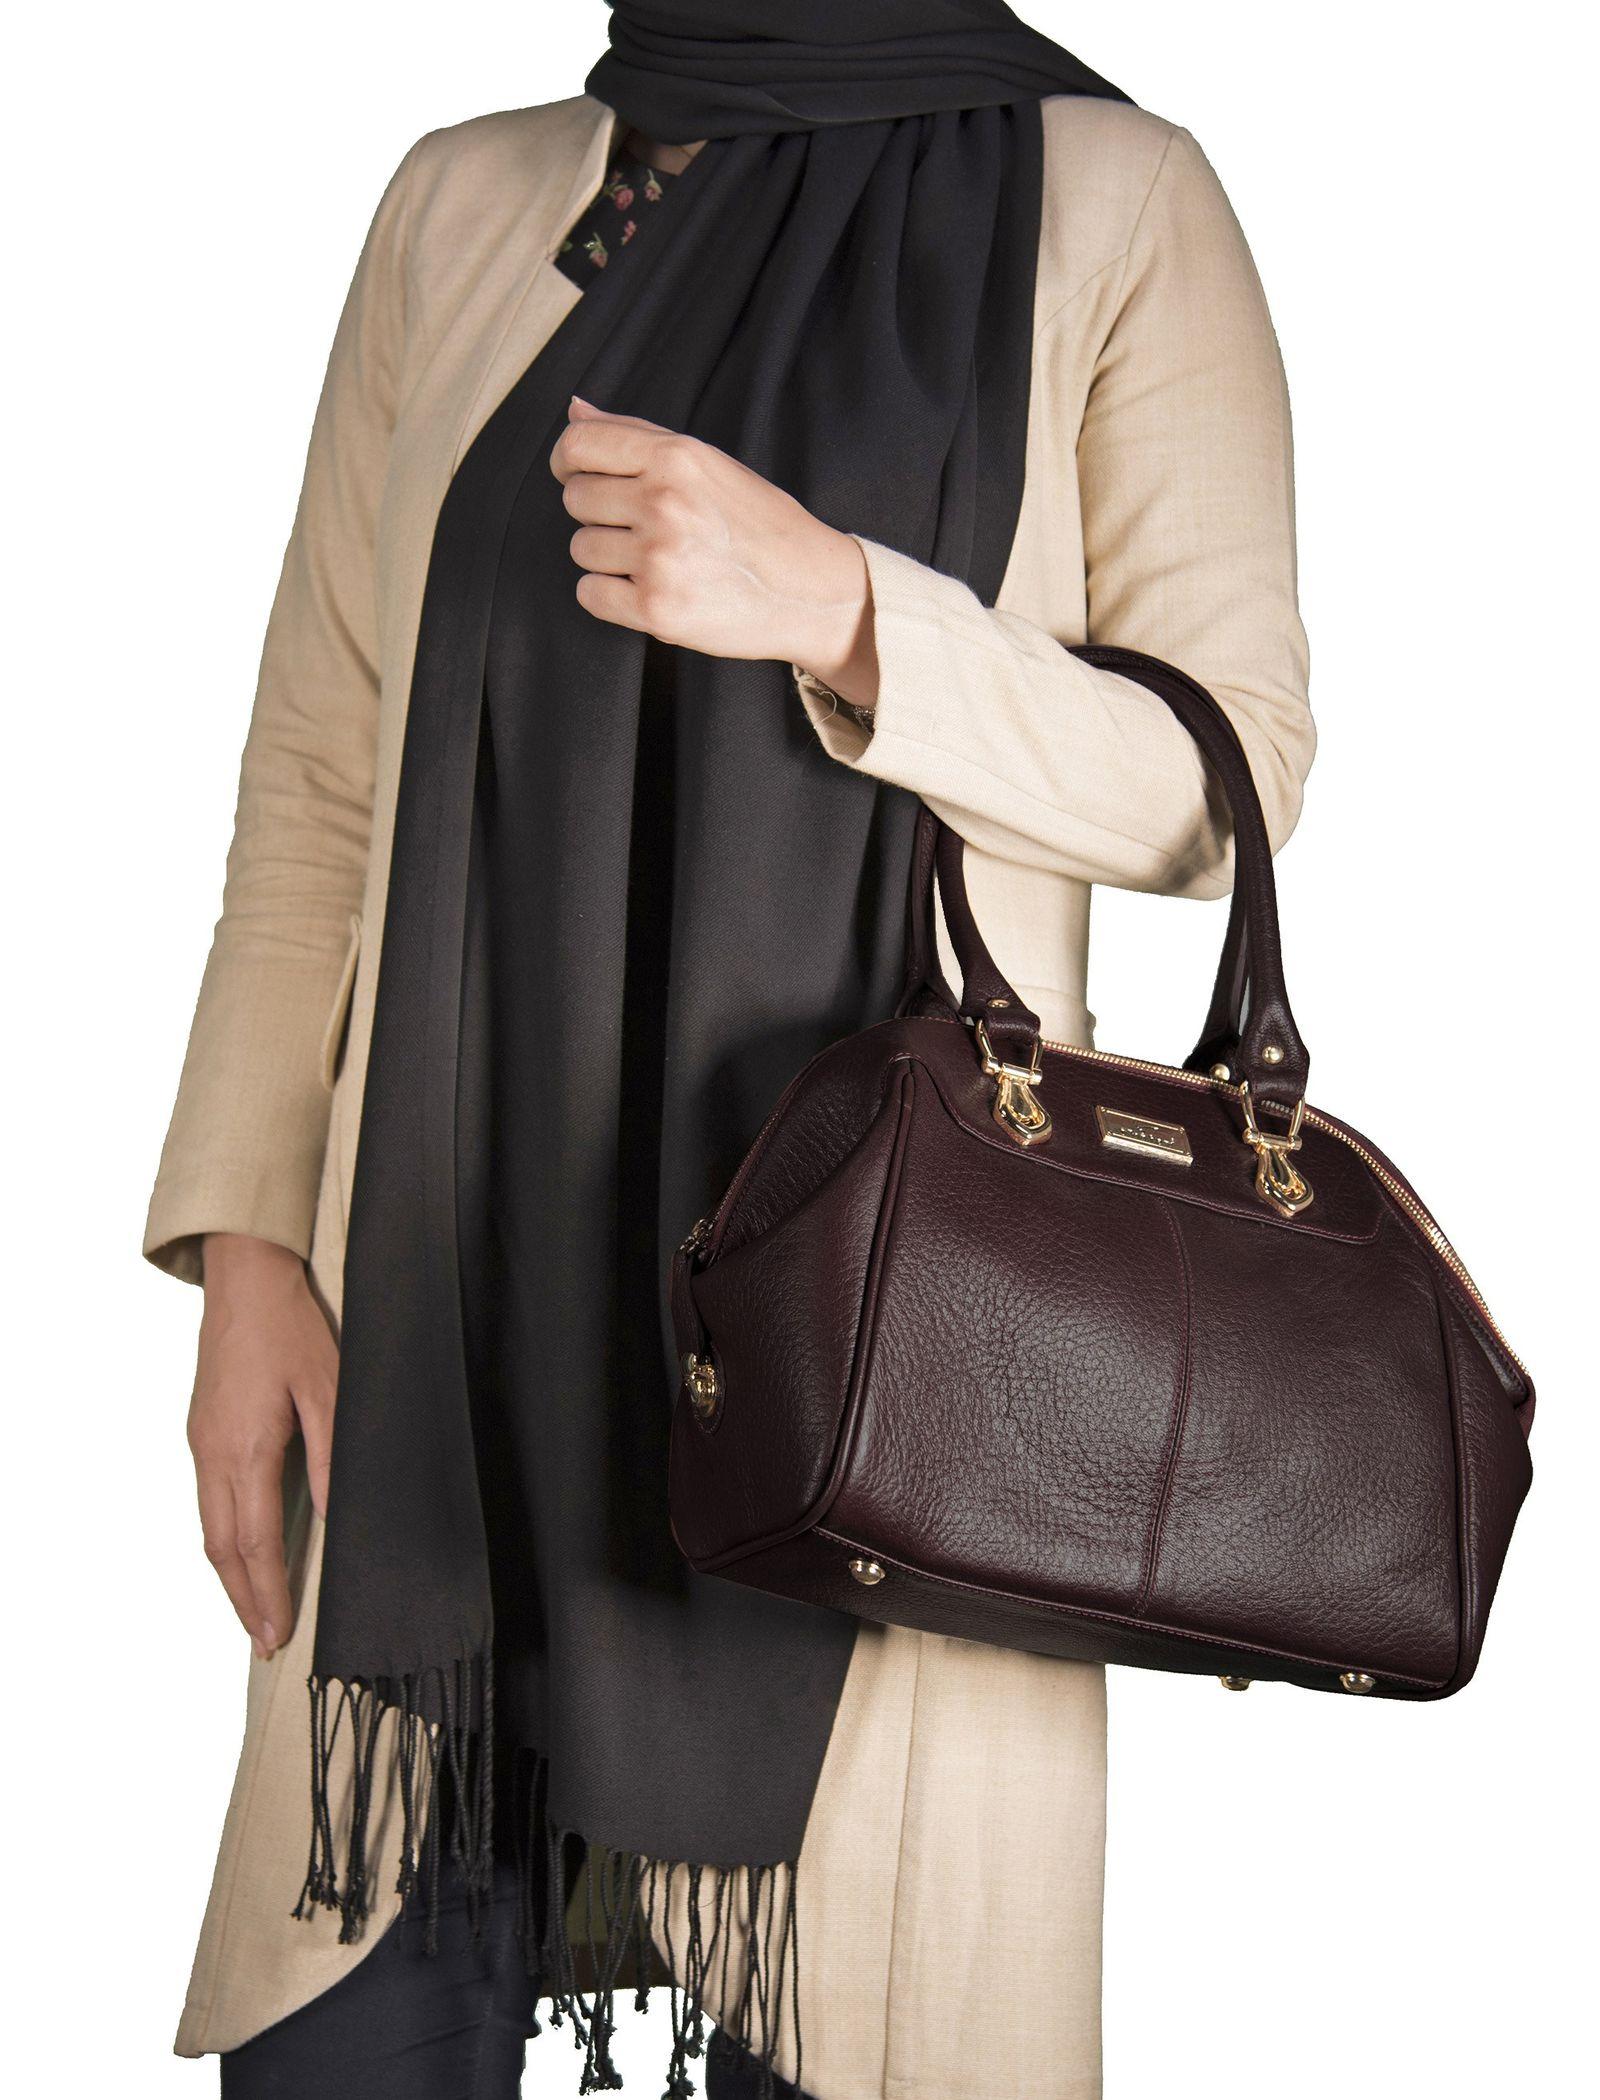 کیف دستی چرم روزمره زنانه - شیفر - زرشکي - 6